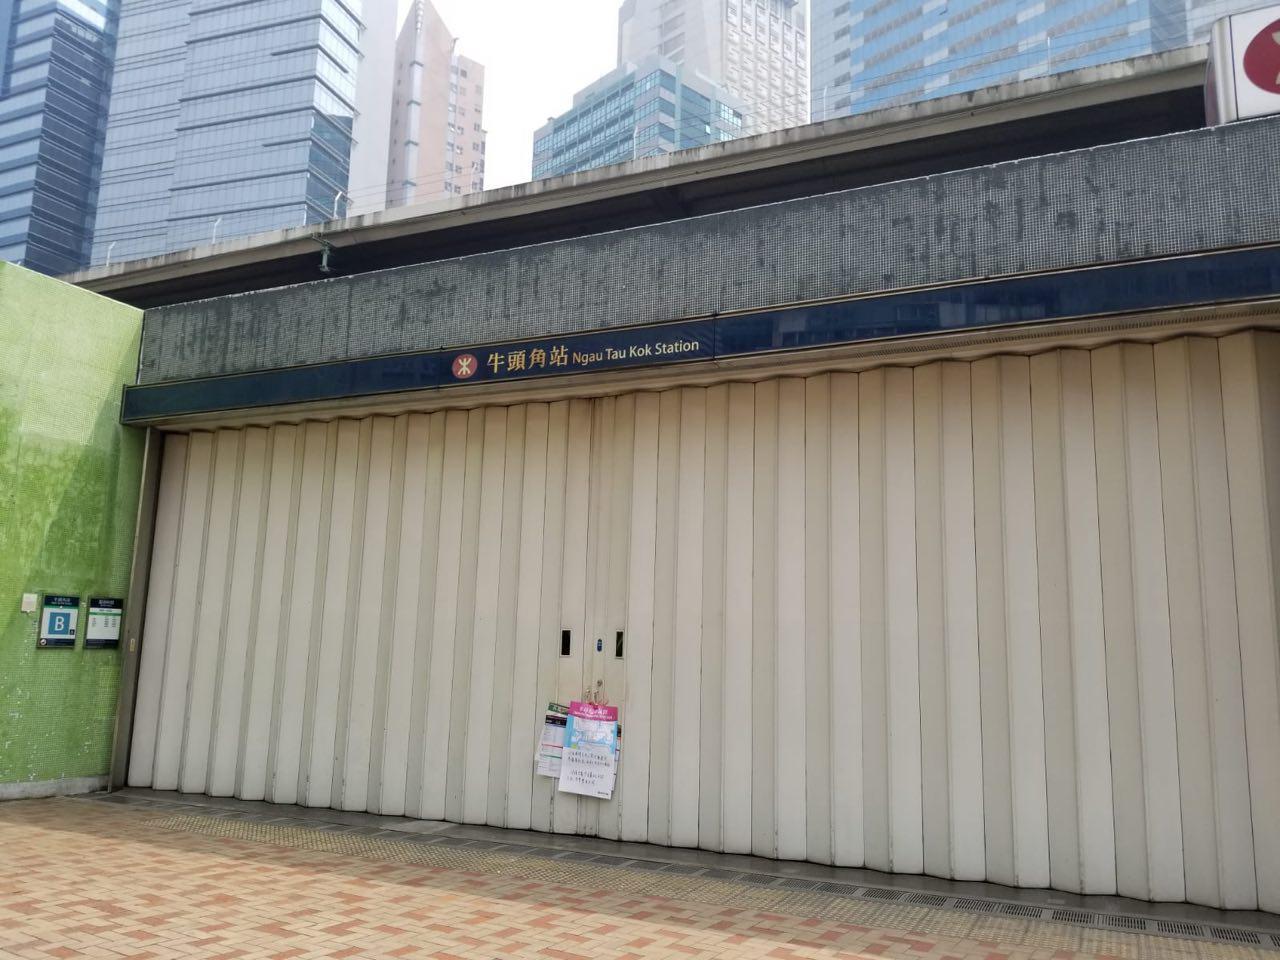 今天(25日)港鐵「故技重施」,關閉了港鐵荃灣西站、荃灣站、葵芳站。港鐵此舉引發民眾強烈不滿。圖為8月24日,牛頭角站落閘。(宋碧龍/大紀元)